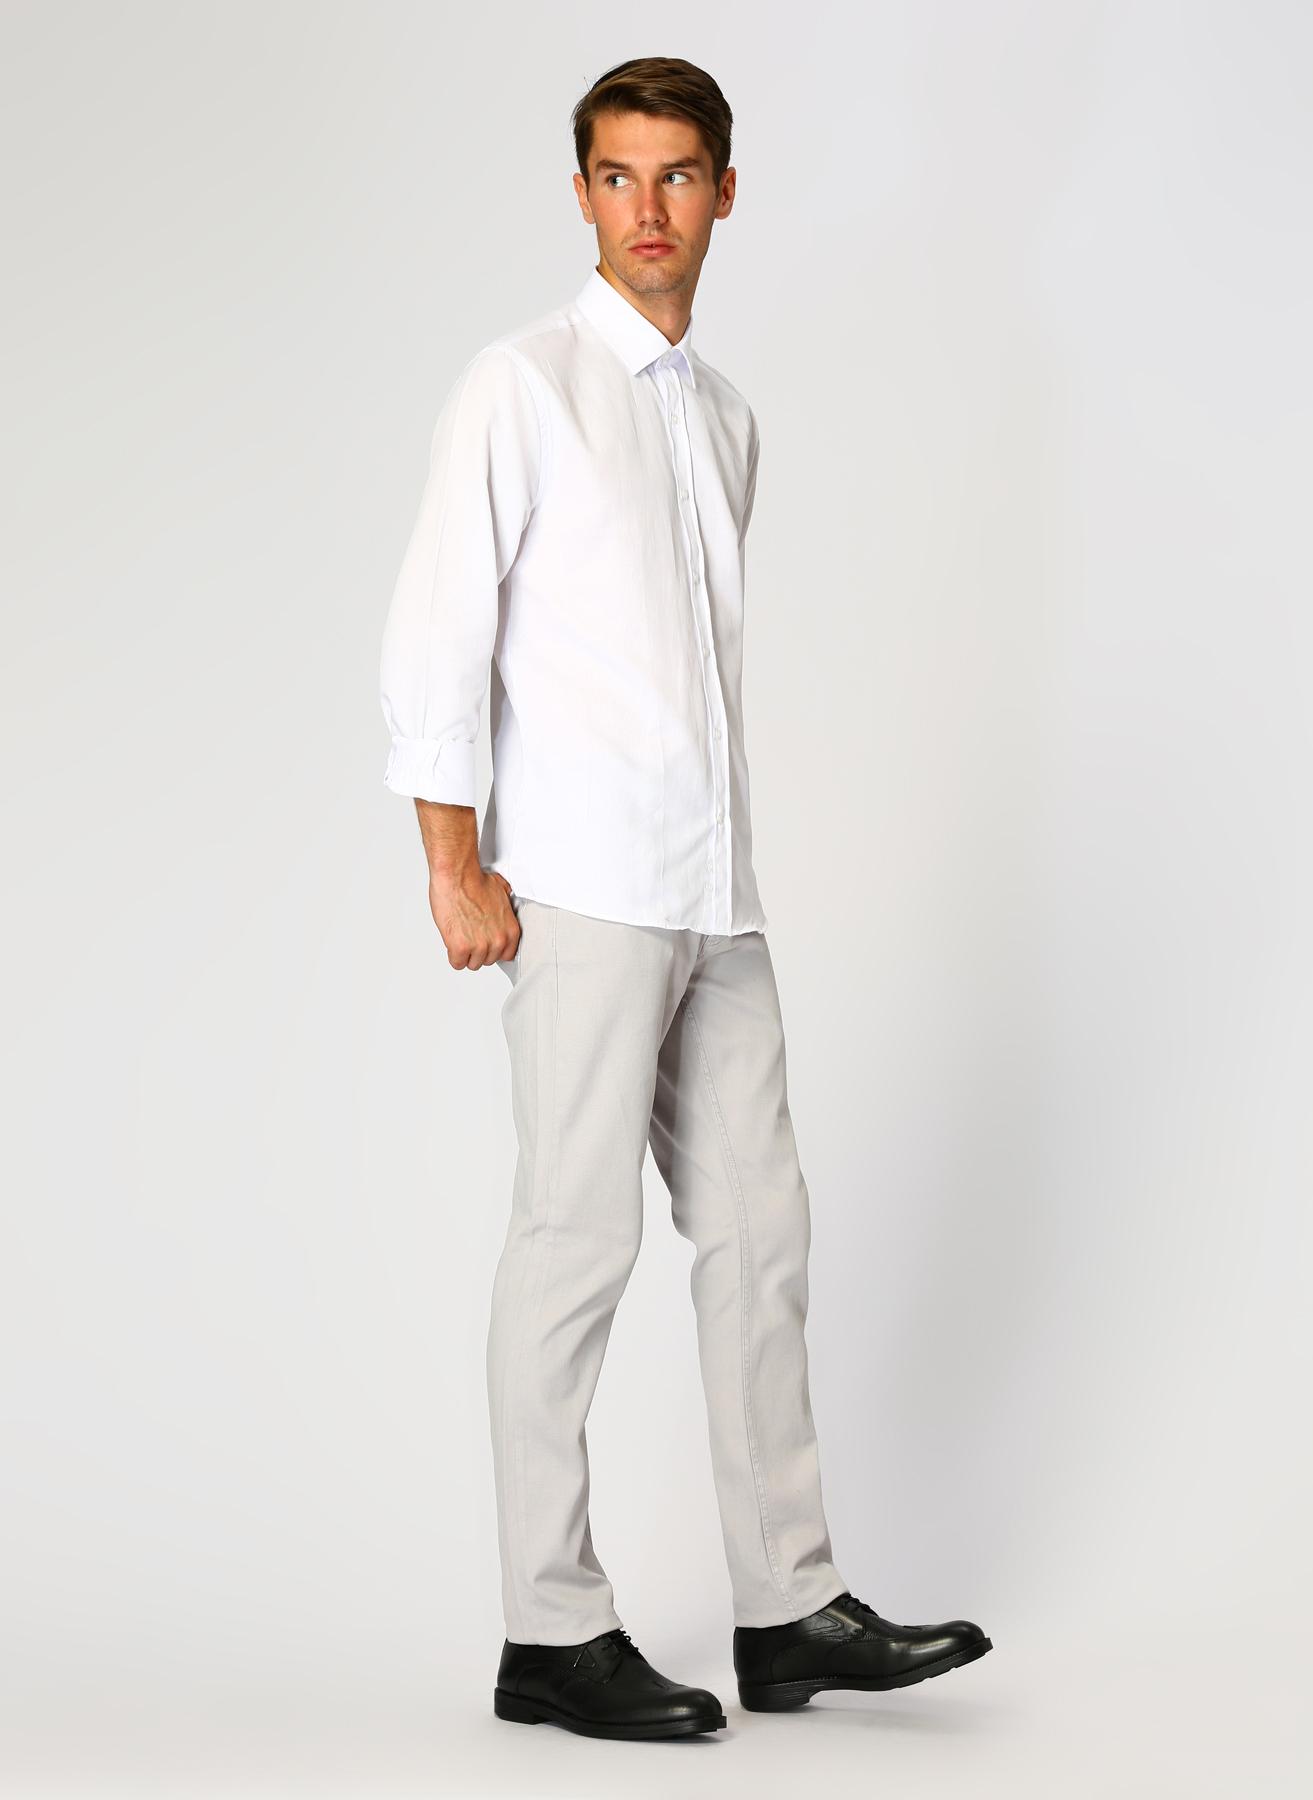 George Hogg Açık Gri Klasik Pantolon 32-33 5002303380001 Ürün Resmi